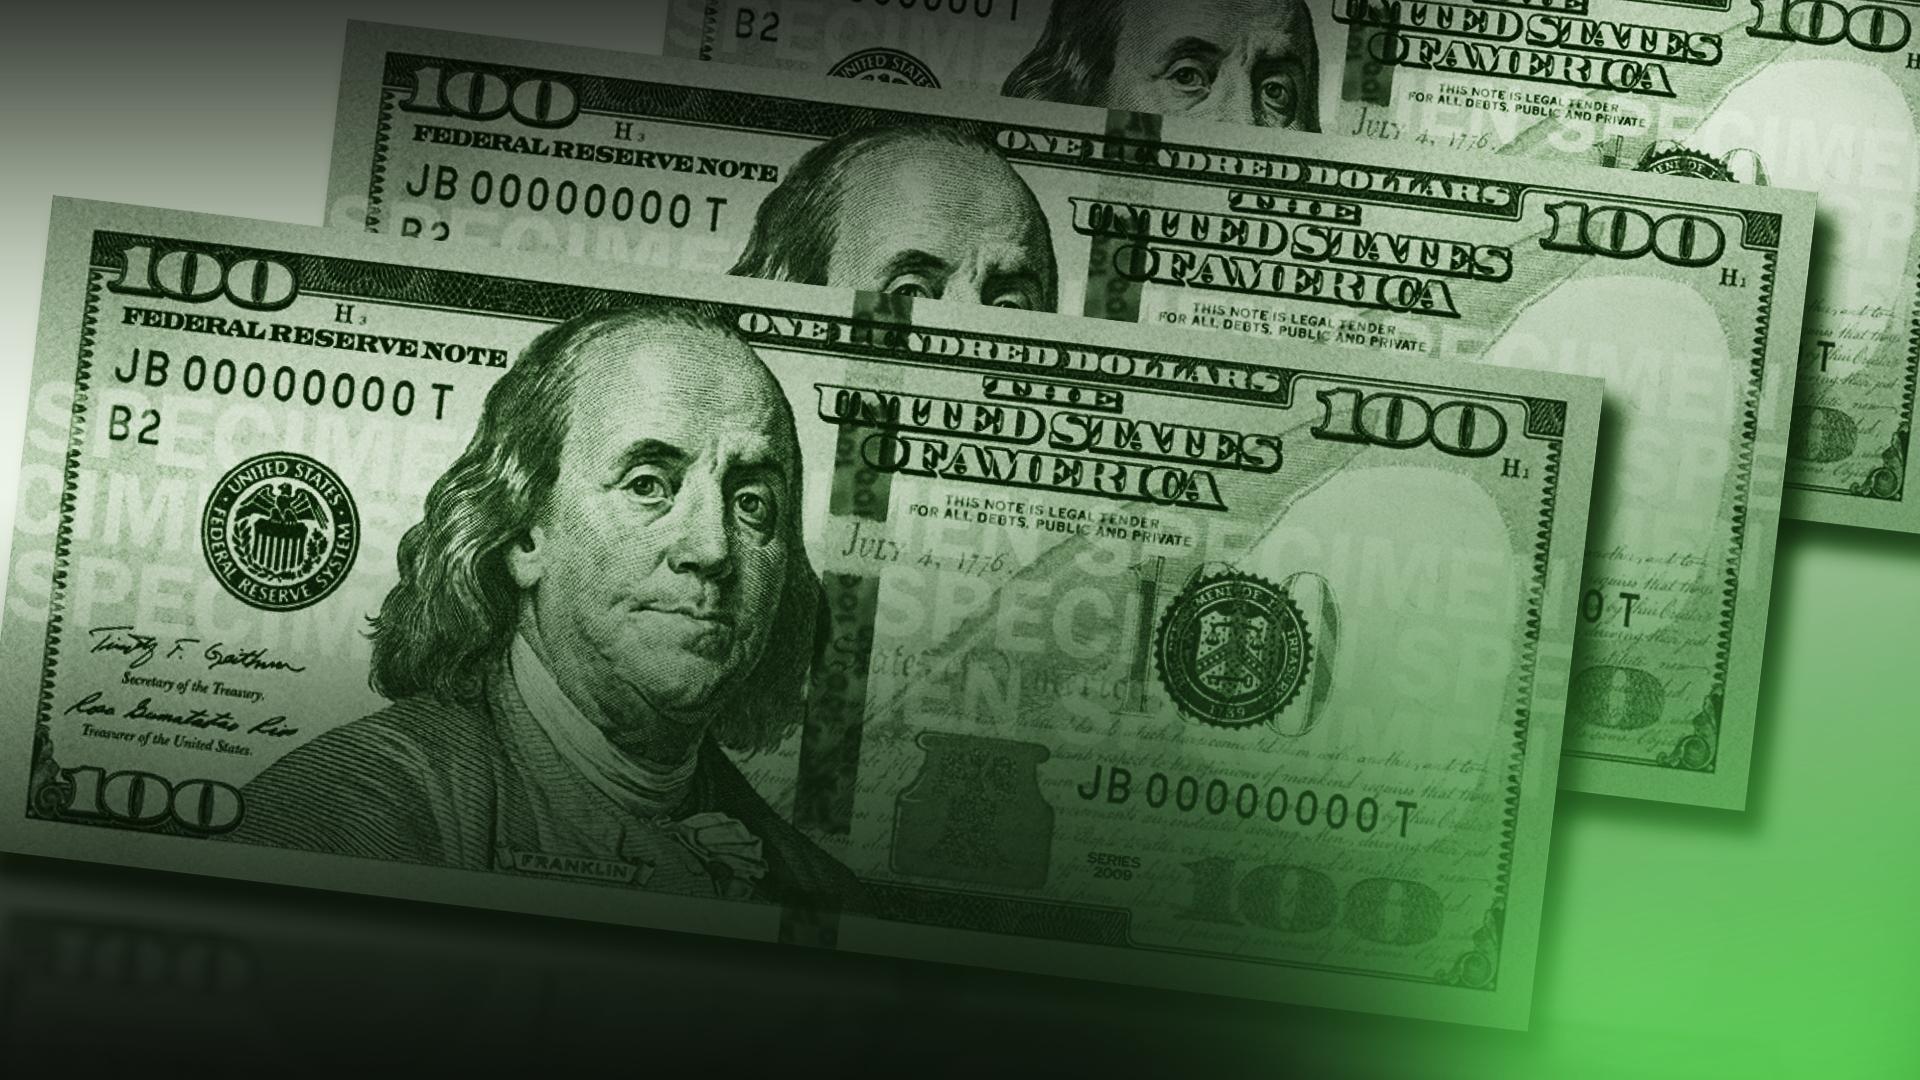 KELO money 100 dollar bills